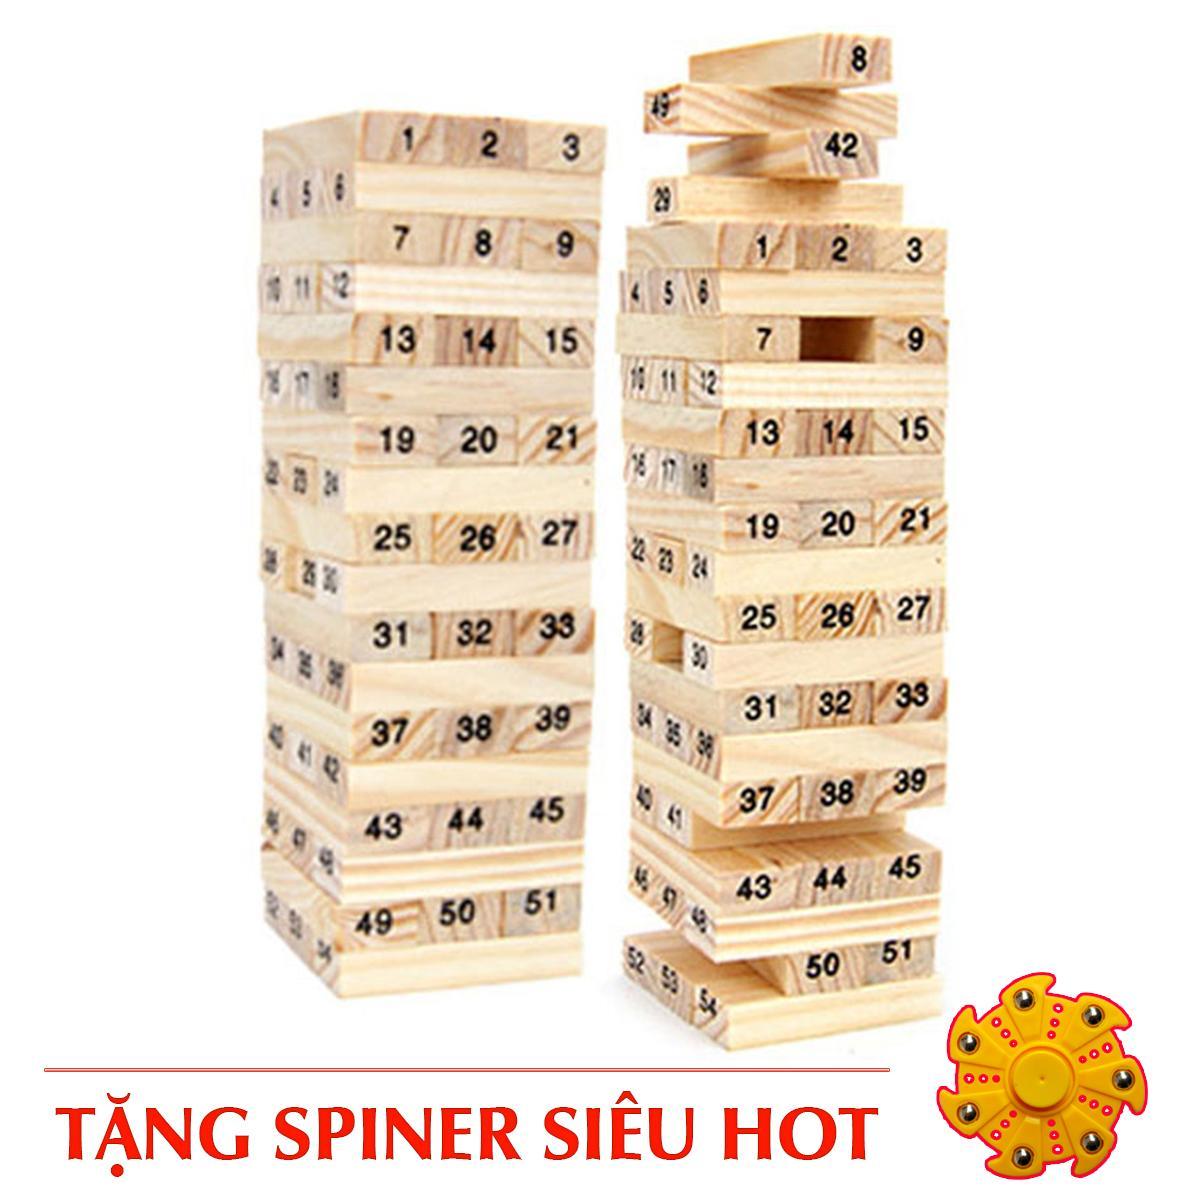 Hình ảnh Bộ đồ chơi rút gỗ 54 thanh + 4 xúc xắc+Tặng spiner siêu hot(Bo rut go+spiner)